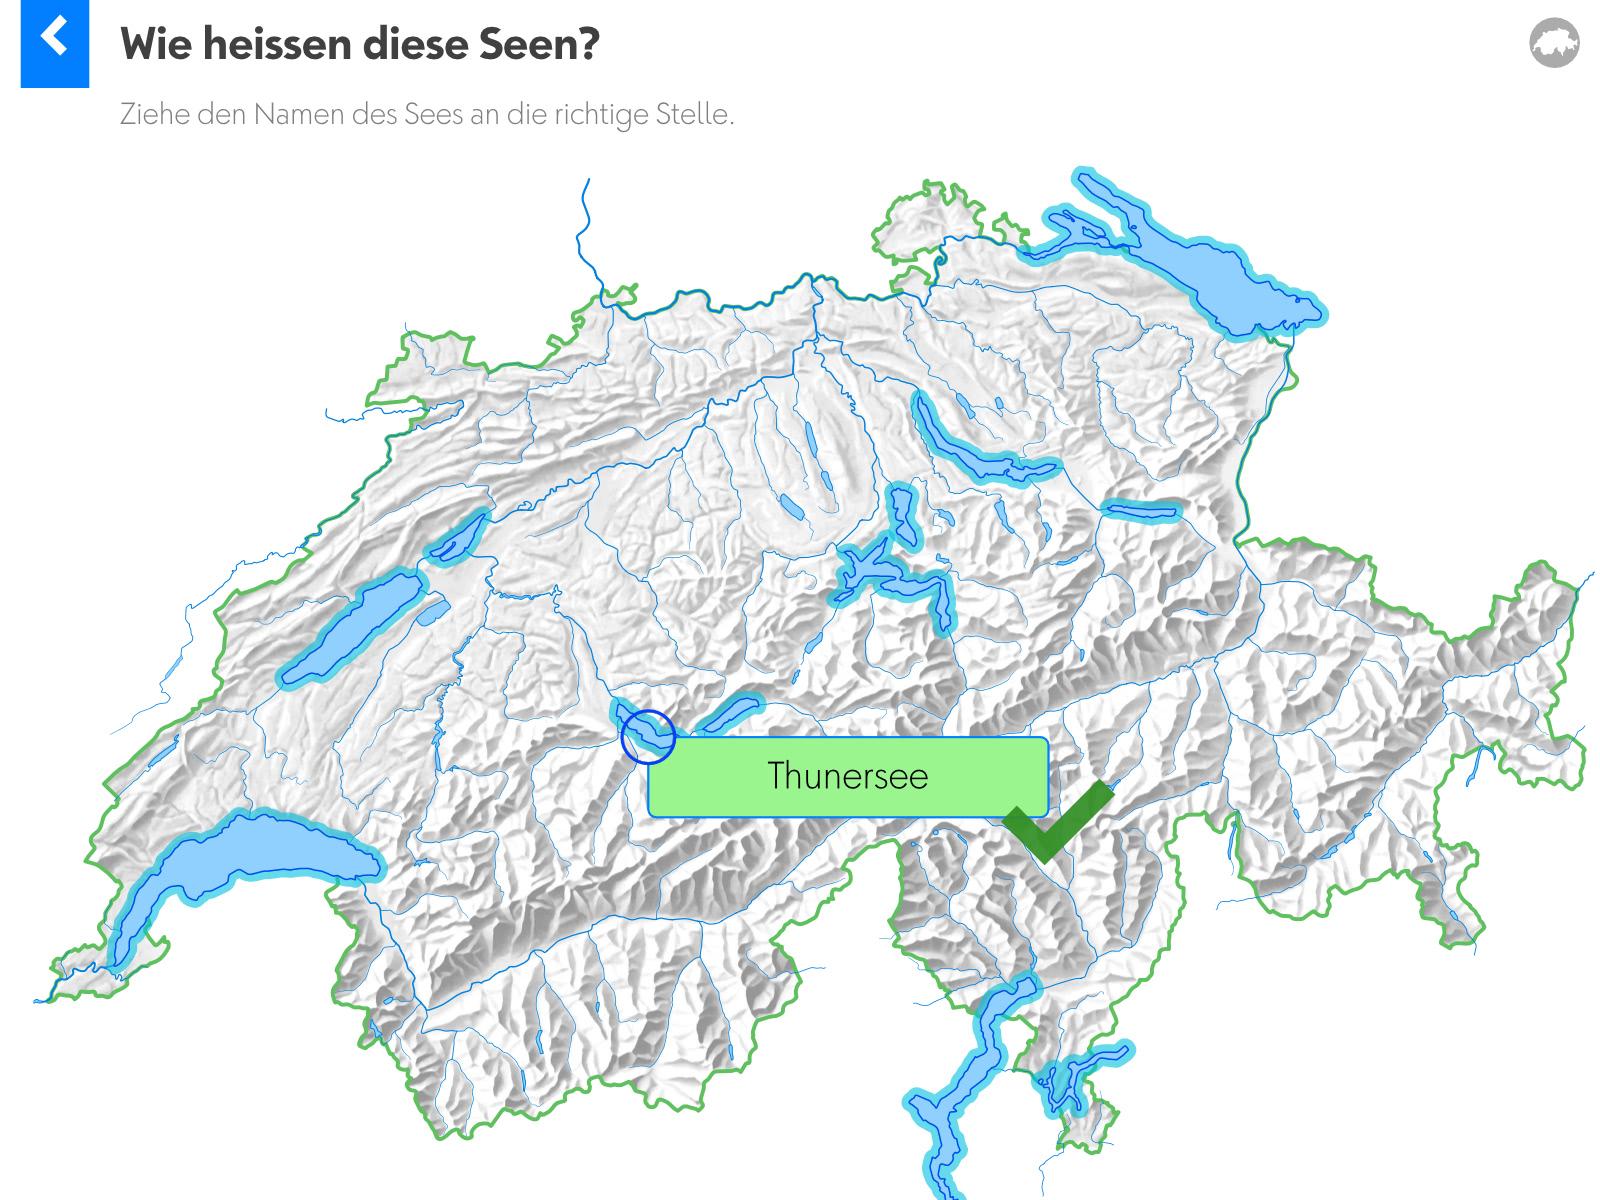 Geografie Schweiz Background 2